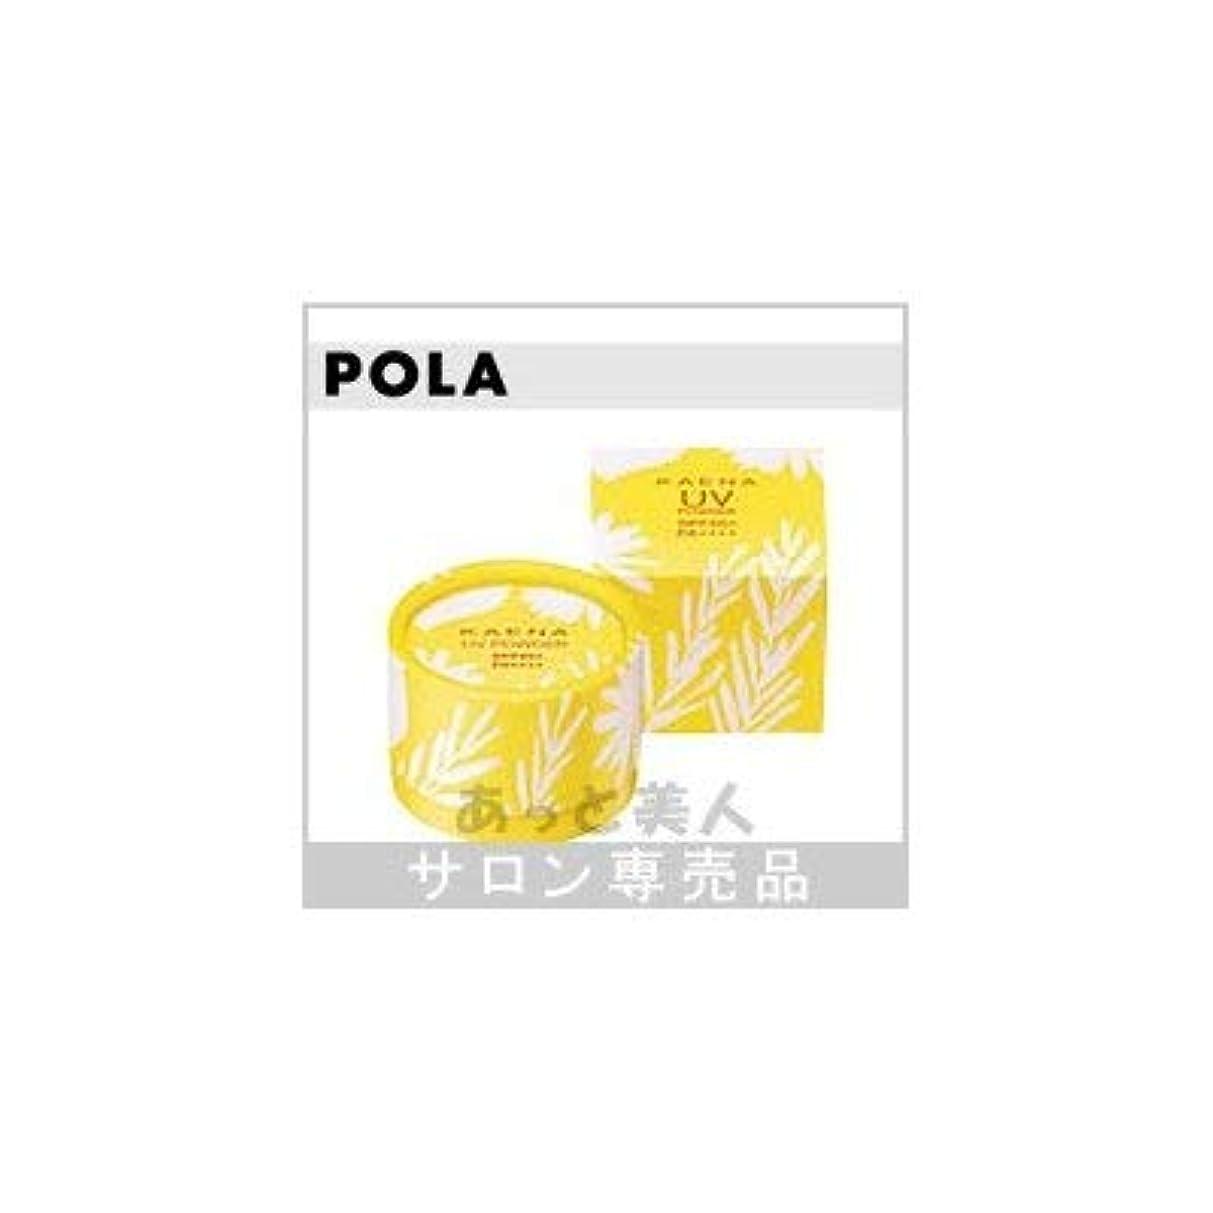 シェード高齢者寄生虫ポーラ カエナ UVパウダー 6.5g (SPF50+ PA++++)